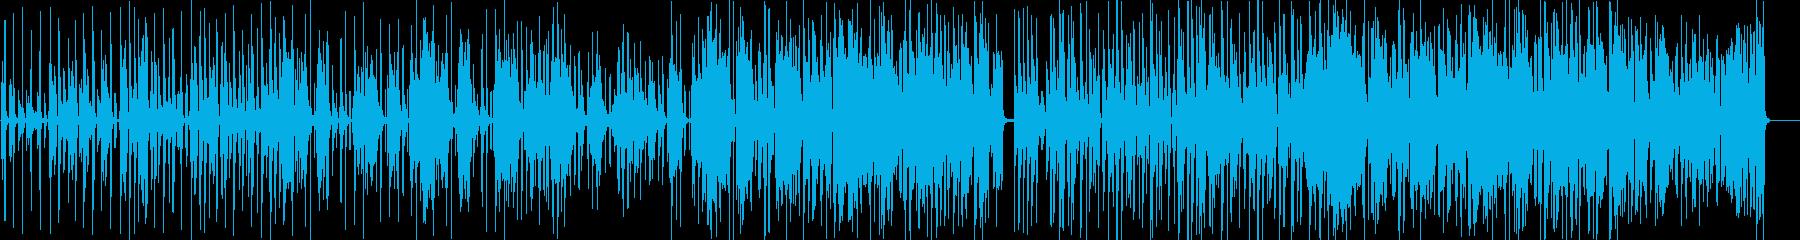 ゆったりとしたおしゃれなジャズの再生済みの波形